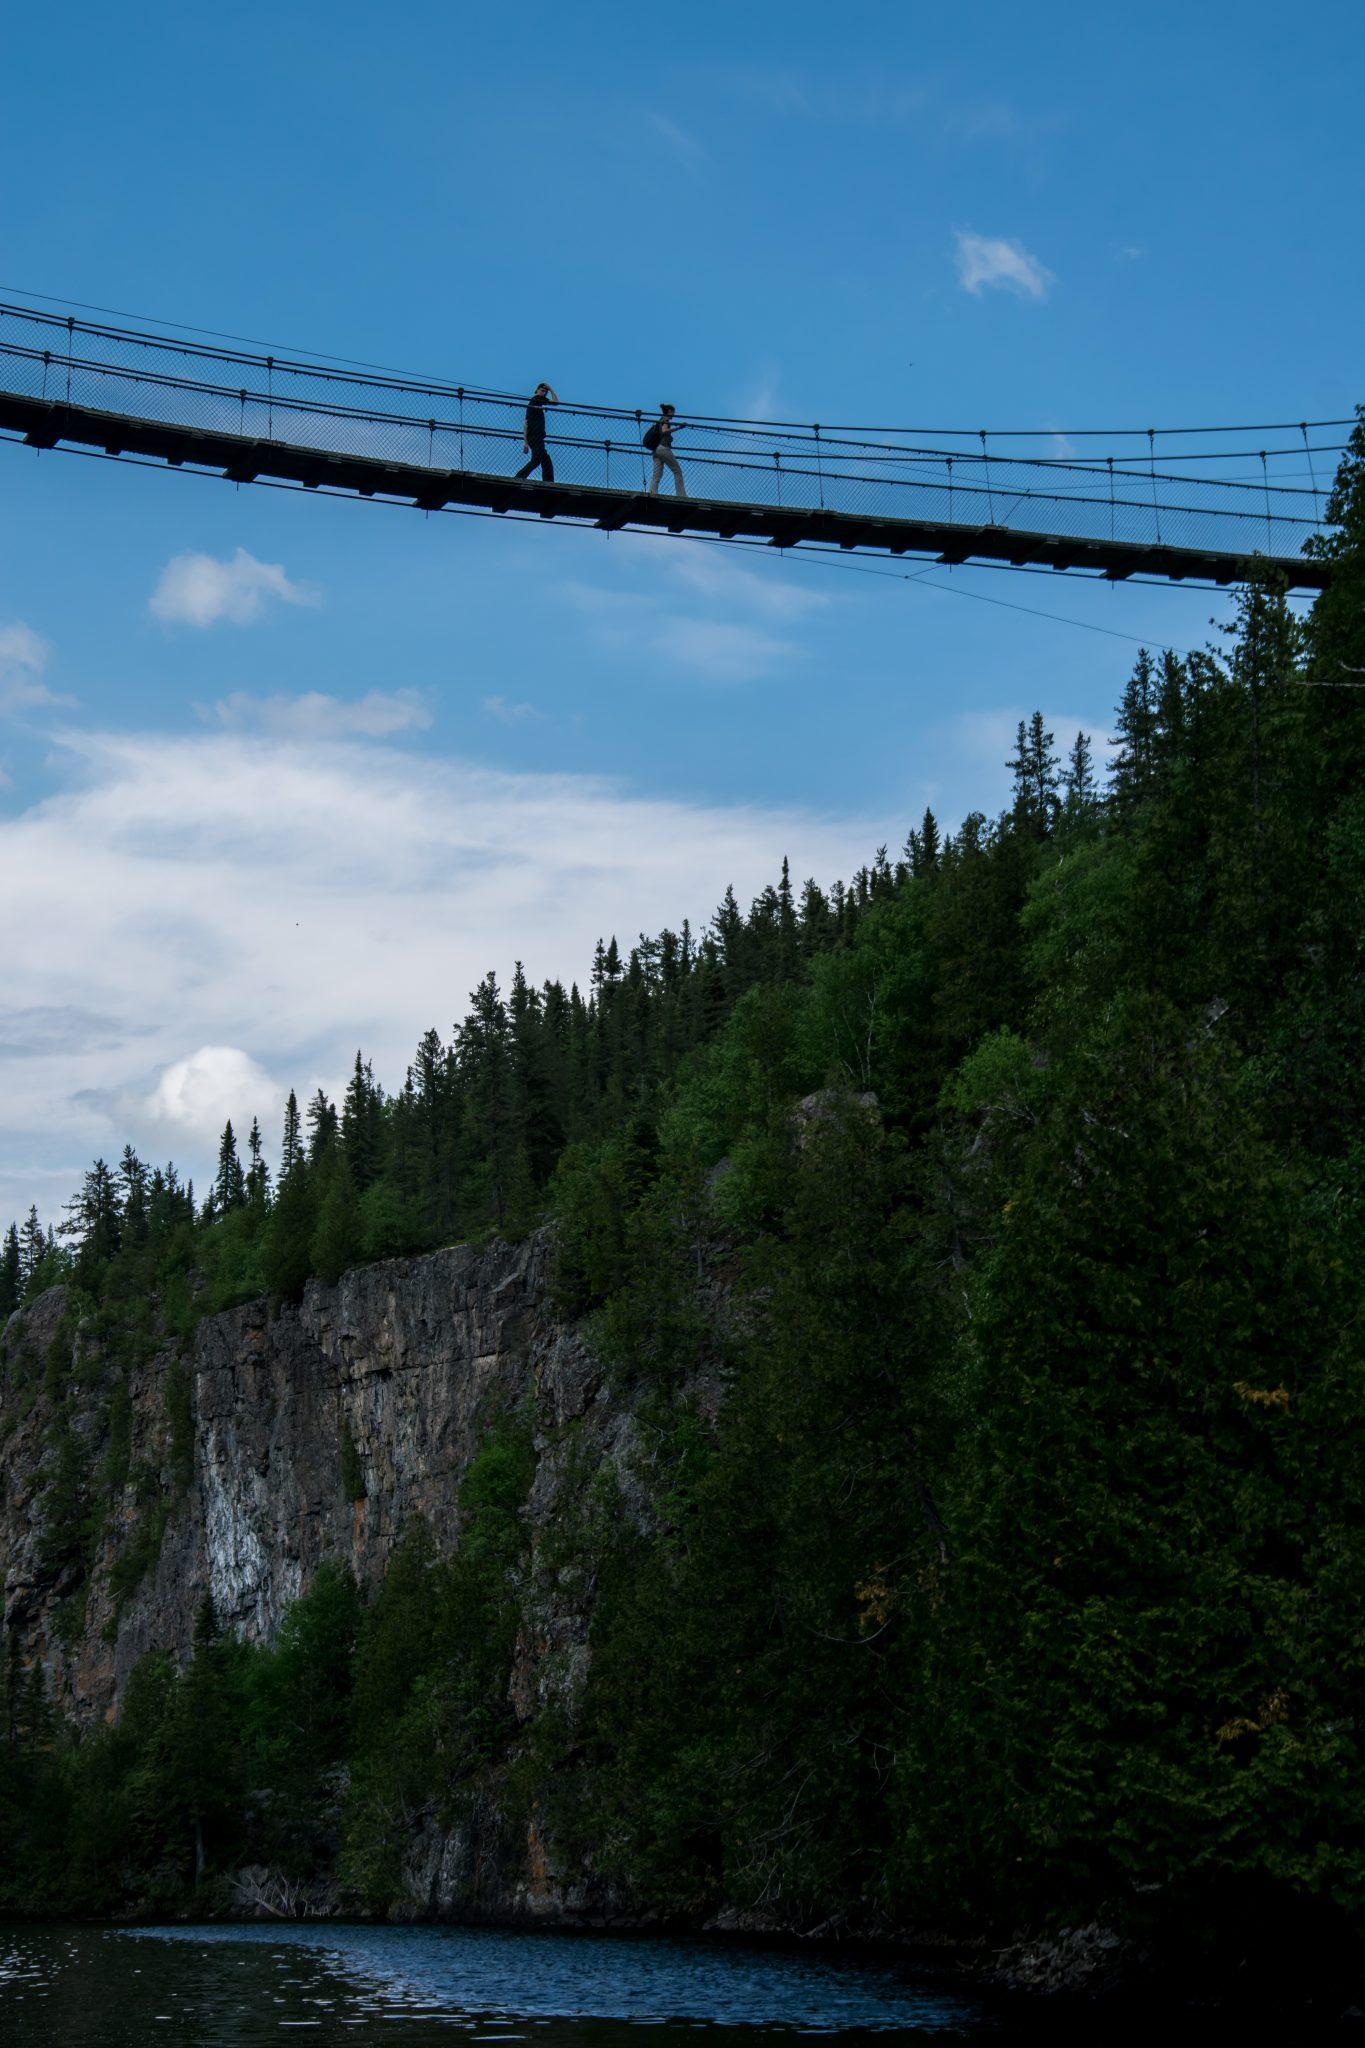 pont suspendu abitibi